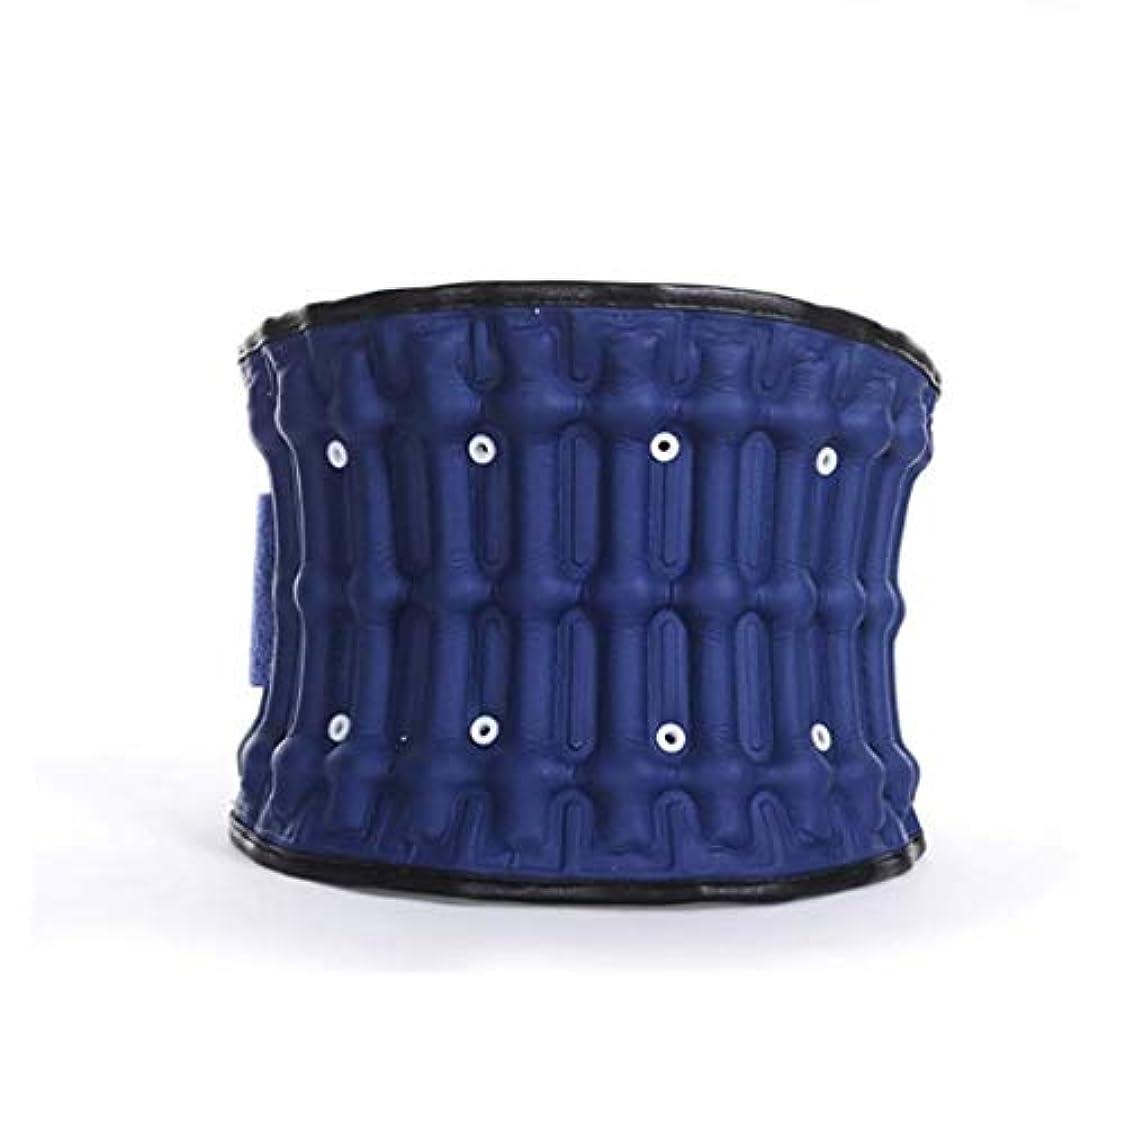 味わう回復派手ウエスト/腰暖かいベルト、携帯用バックサポートベルト、ワーキング/スポーツ/フィットネスのために適切な弾性シェーピングスリミングスポーツベルト、痛みを緩和、防止けが